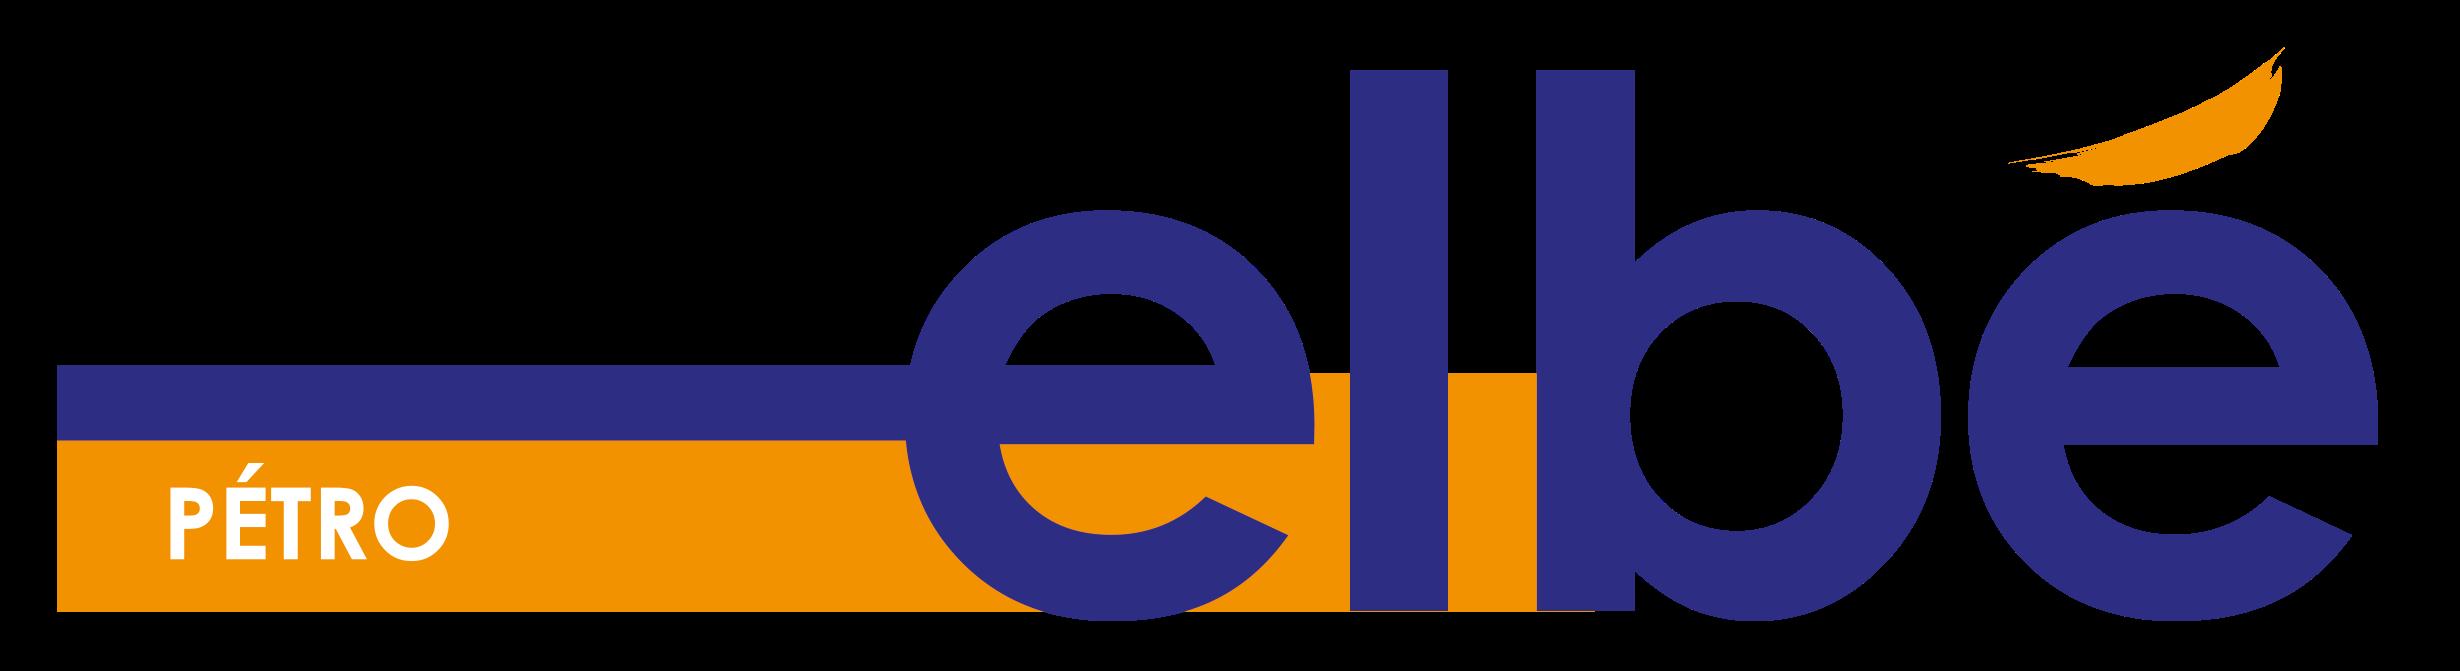 ERIS by Elbe Petro, solutions innovantes pour la réduction de l'évaporation de fluides et liquides | ERIS by Elbe Petro, Evaporation Reduction Intelligent System